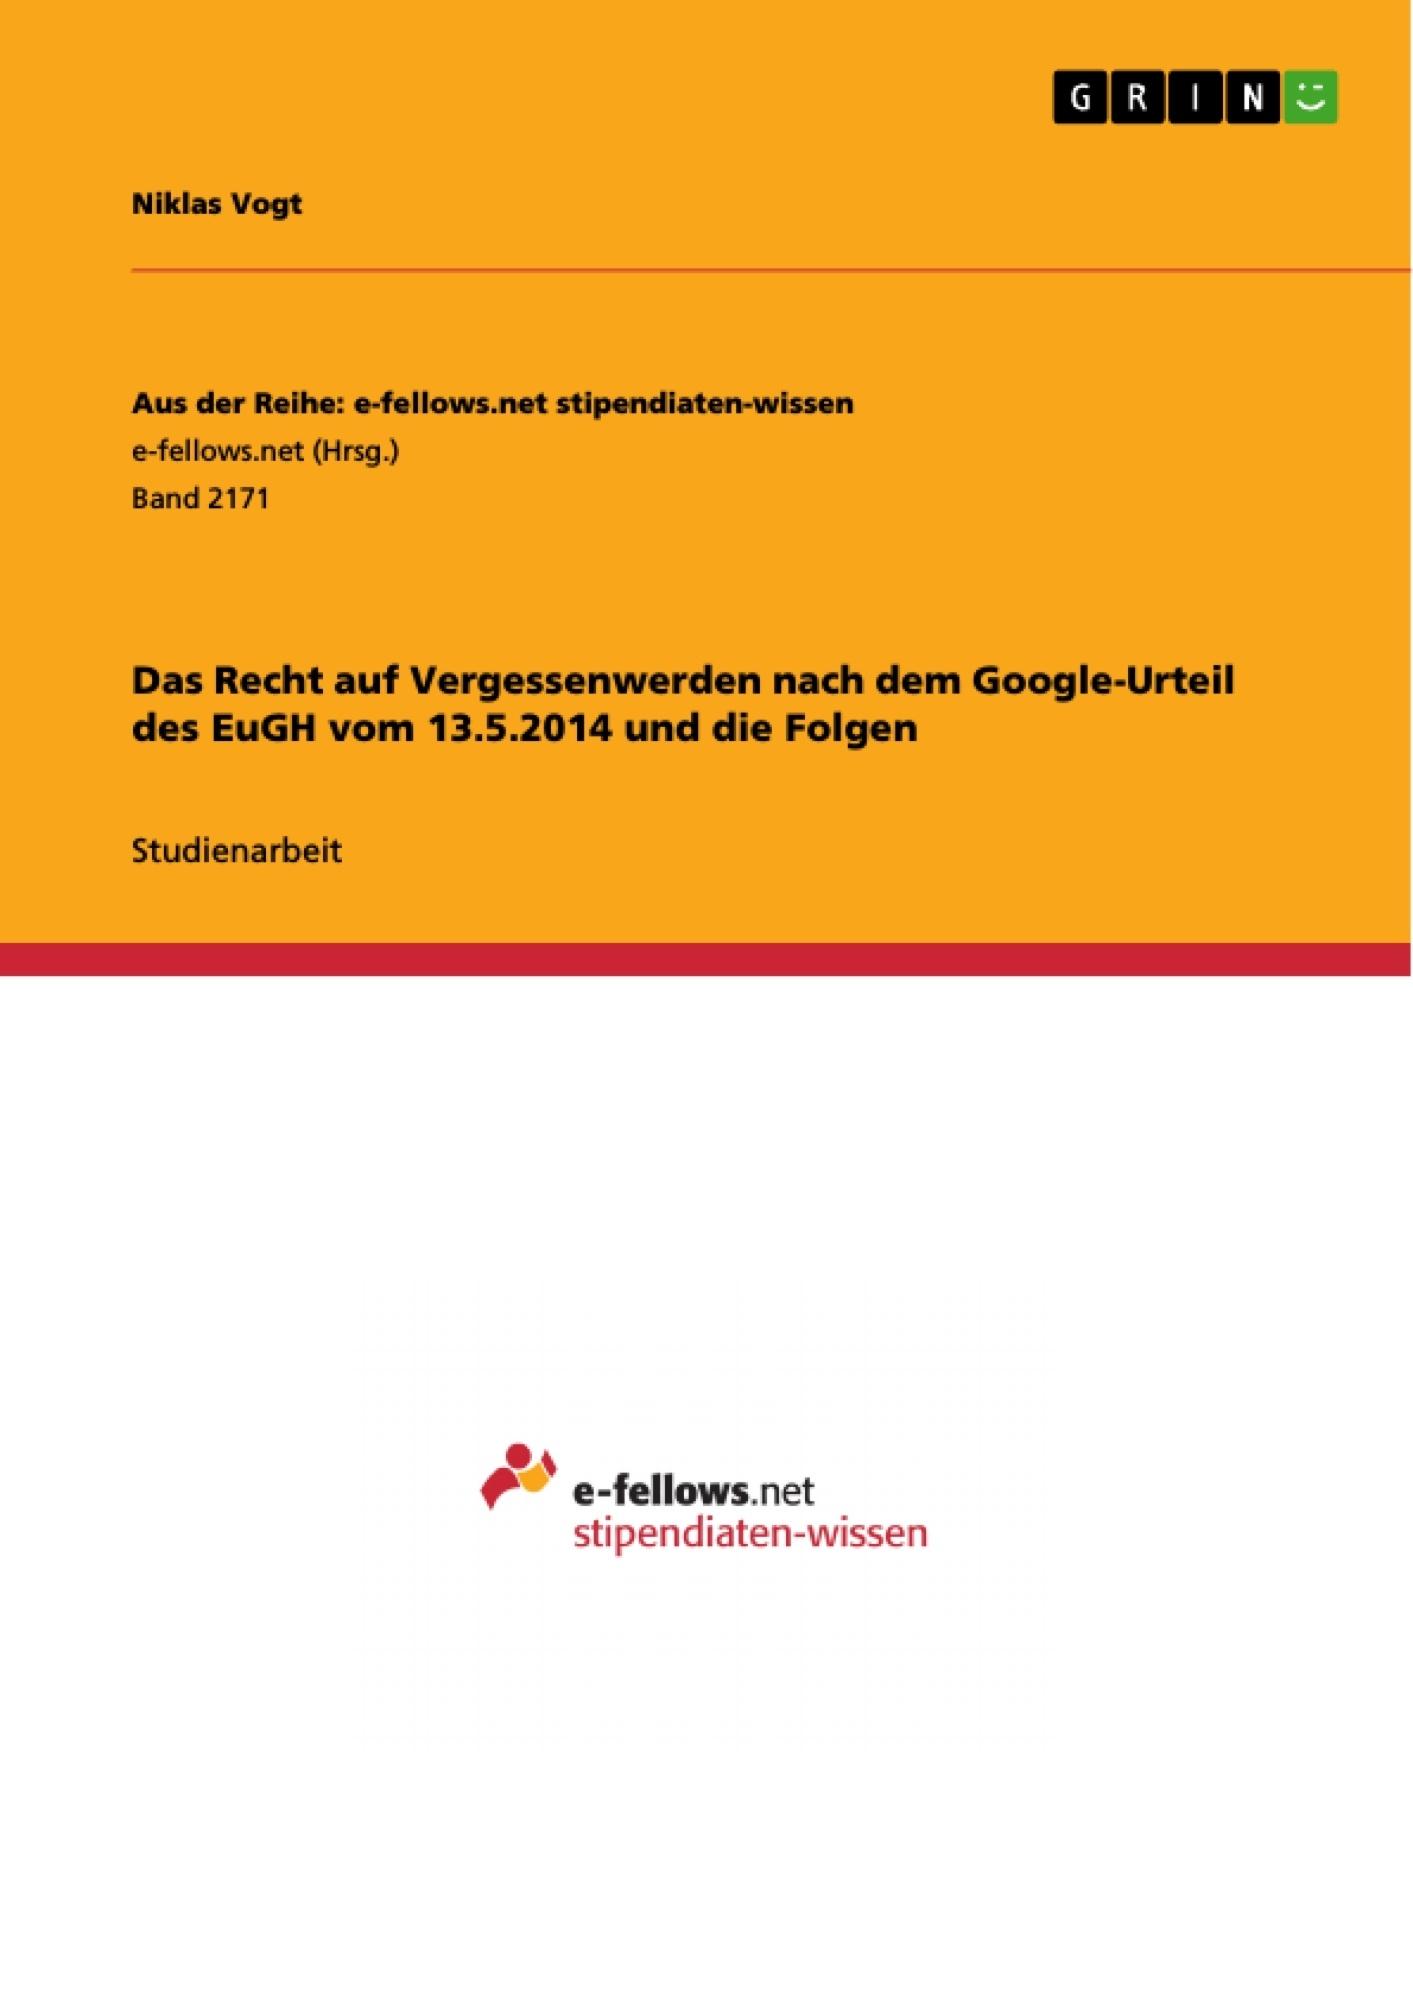 Titre: Das Recht auf Vergessenwerden nach dem Google-Urteil des EuGH vom 13.5.2014 und die Folgen